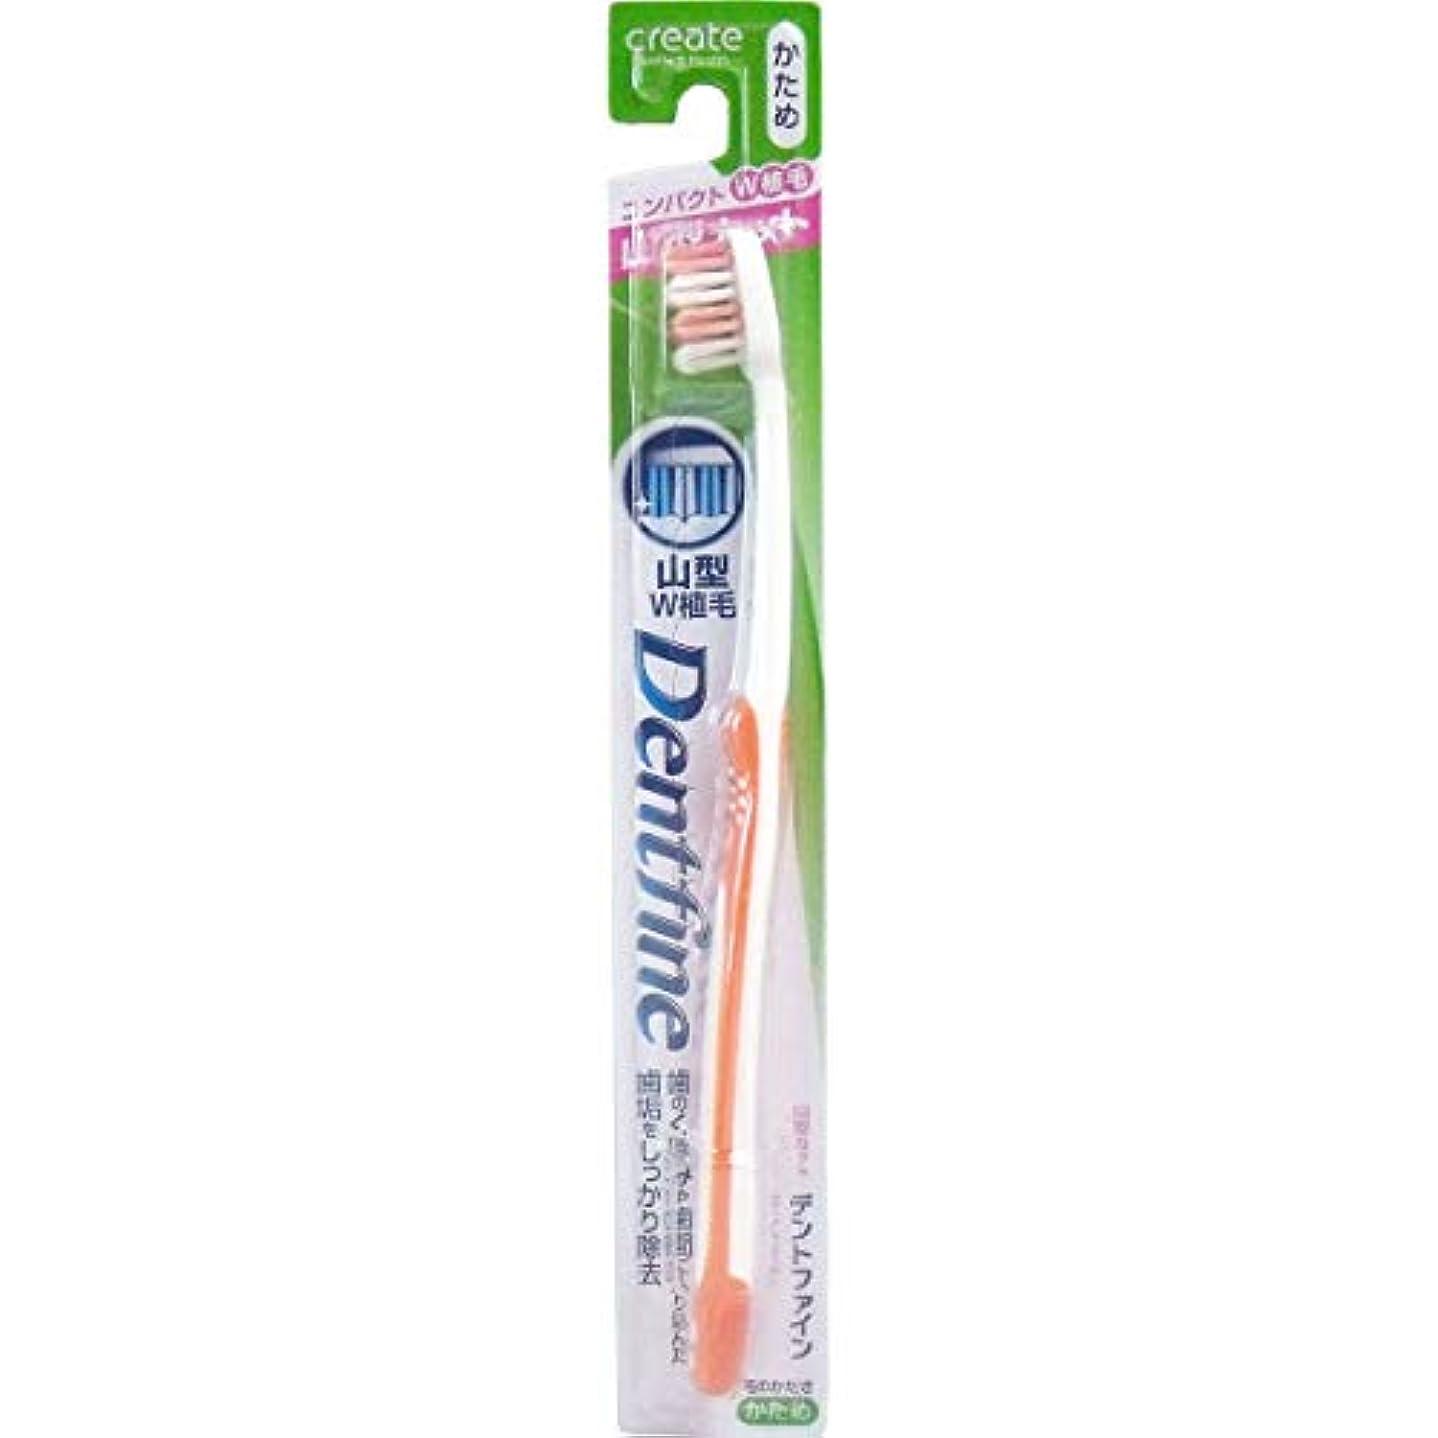 ミュージカル次安心デントファイン ラバーグリップ 山切りカット 歯ブラシ かため 1本:オレンジ